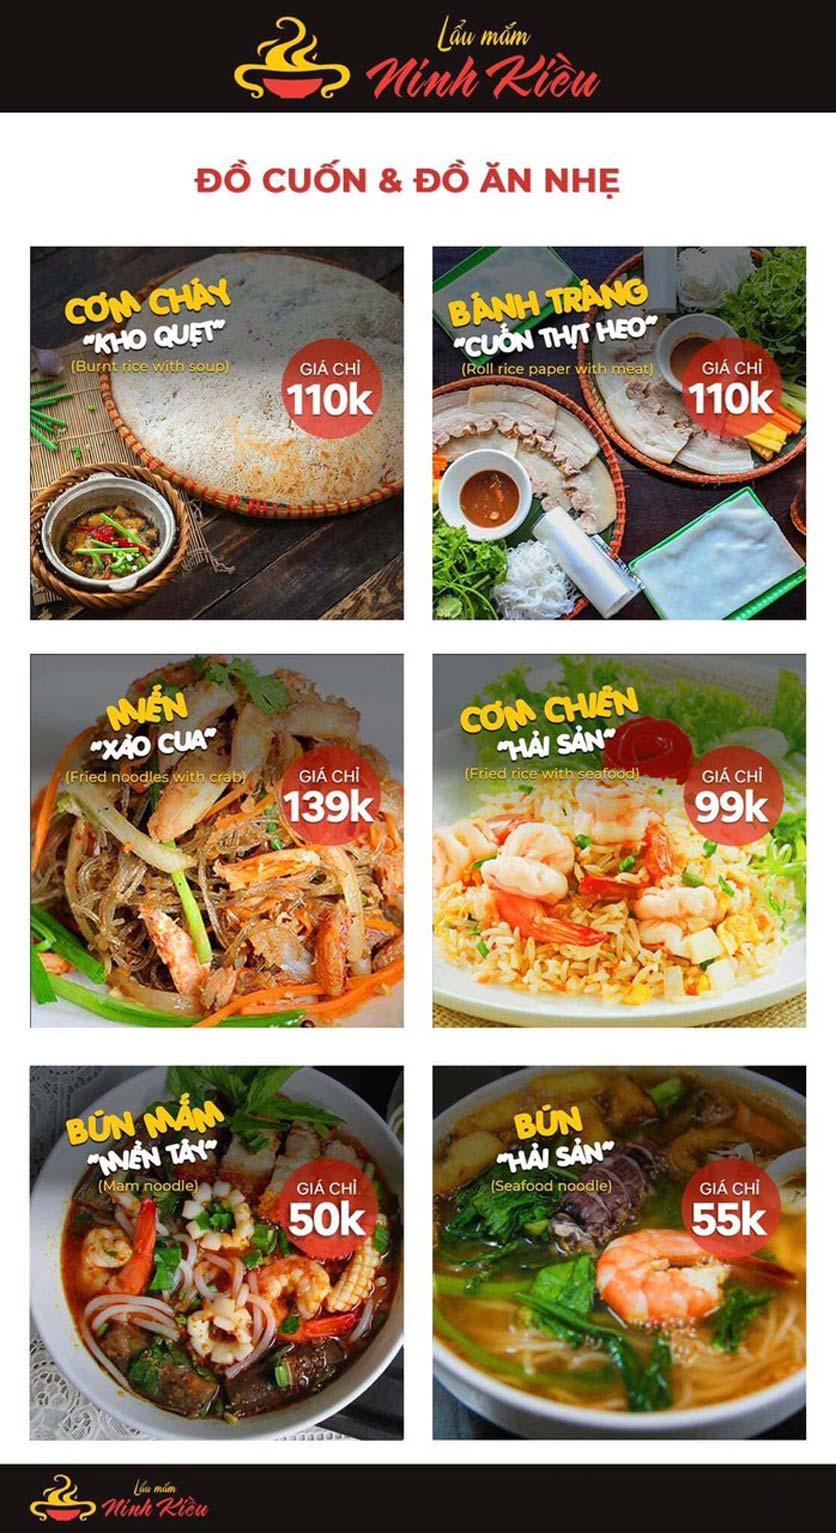 Menu Lẩu Mắm Ninh Kiều - Hàng Bún 8